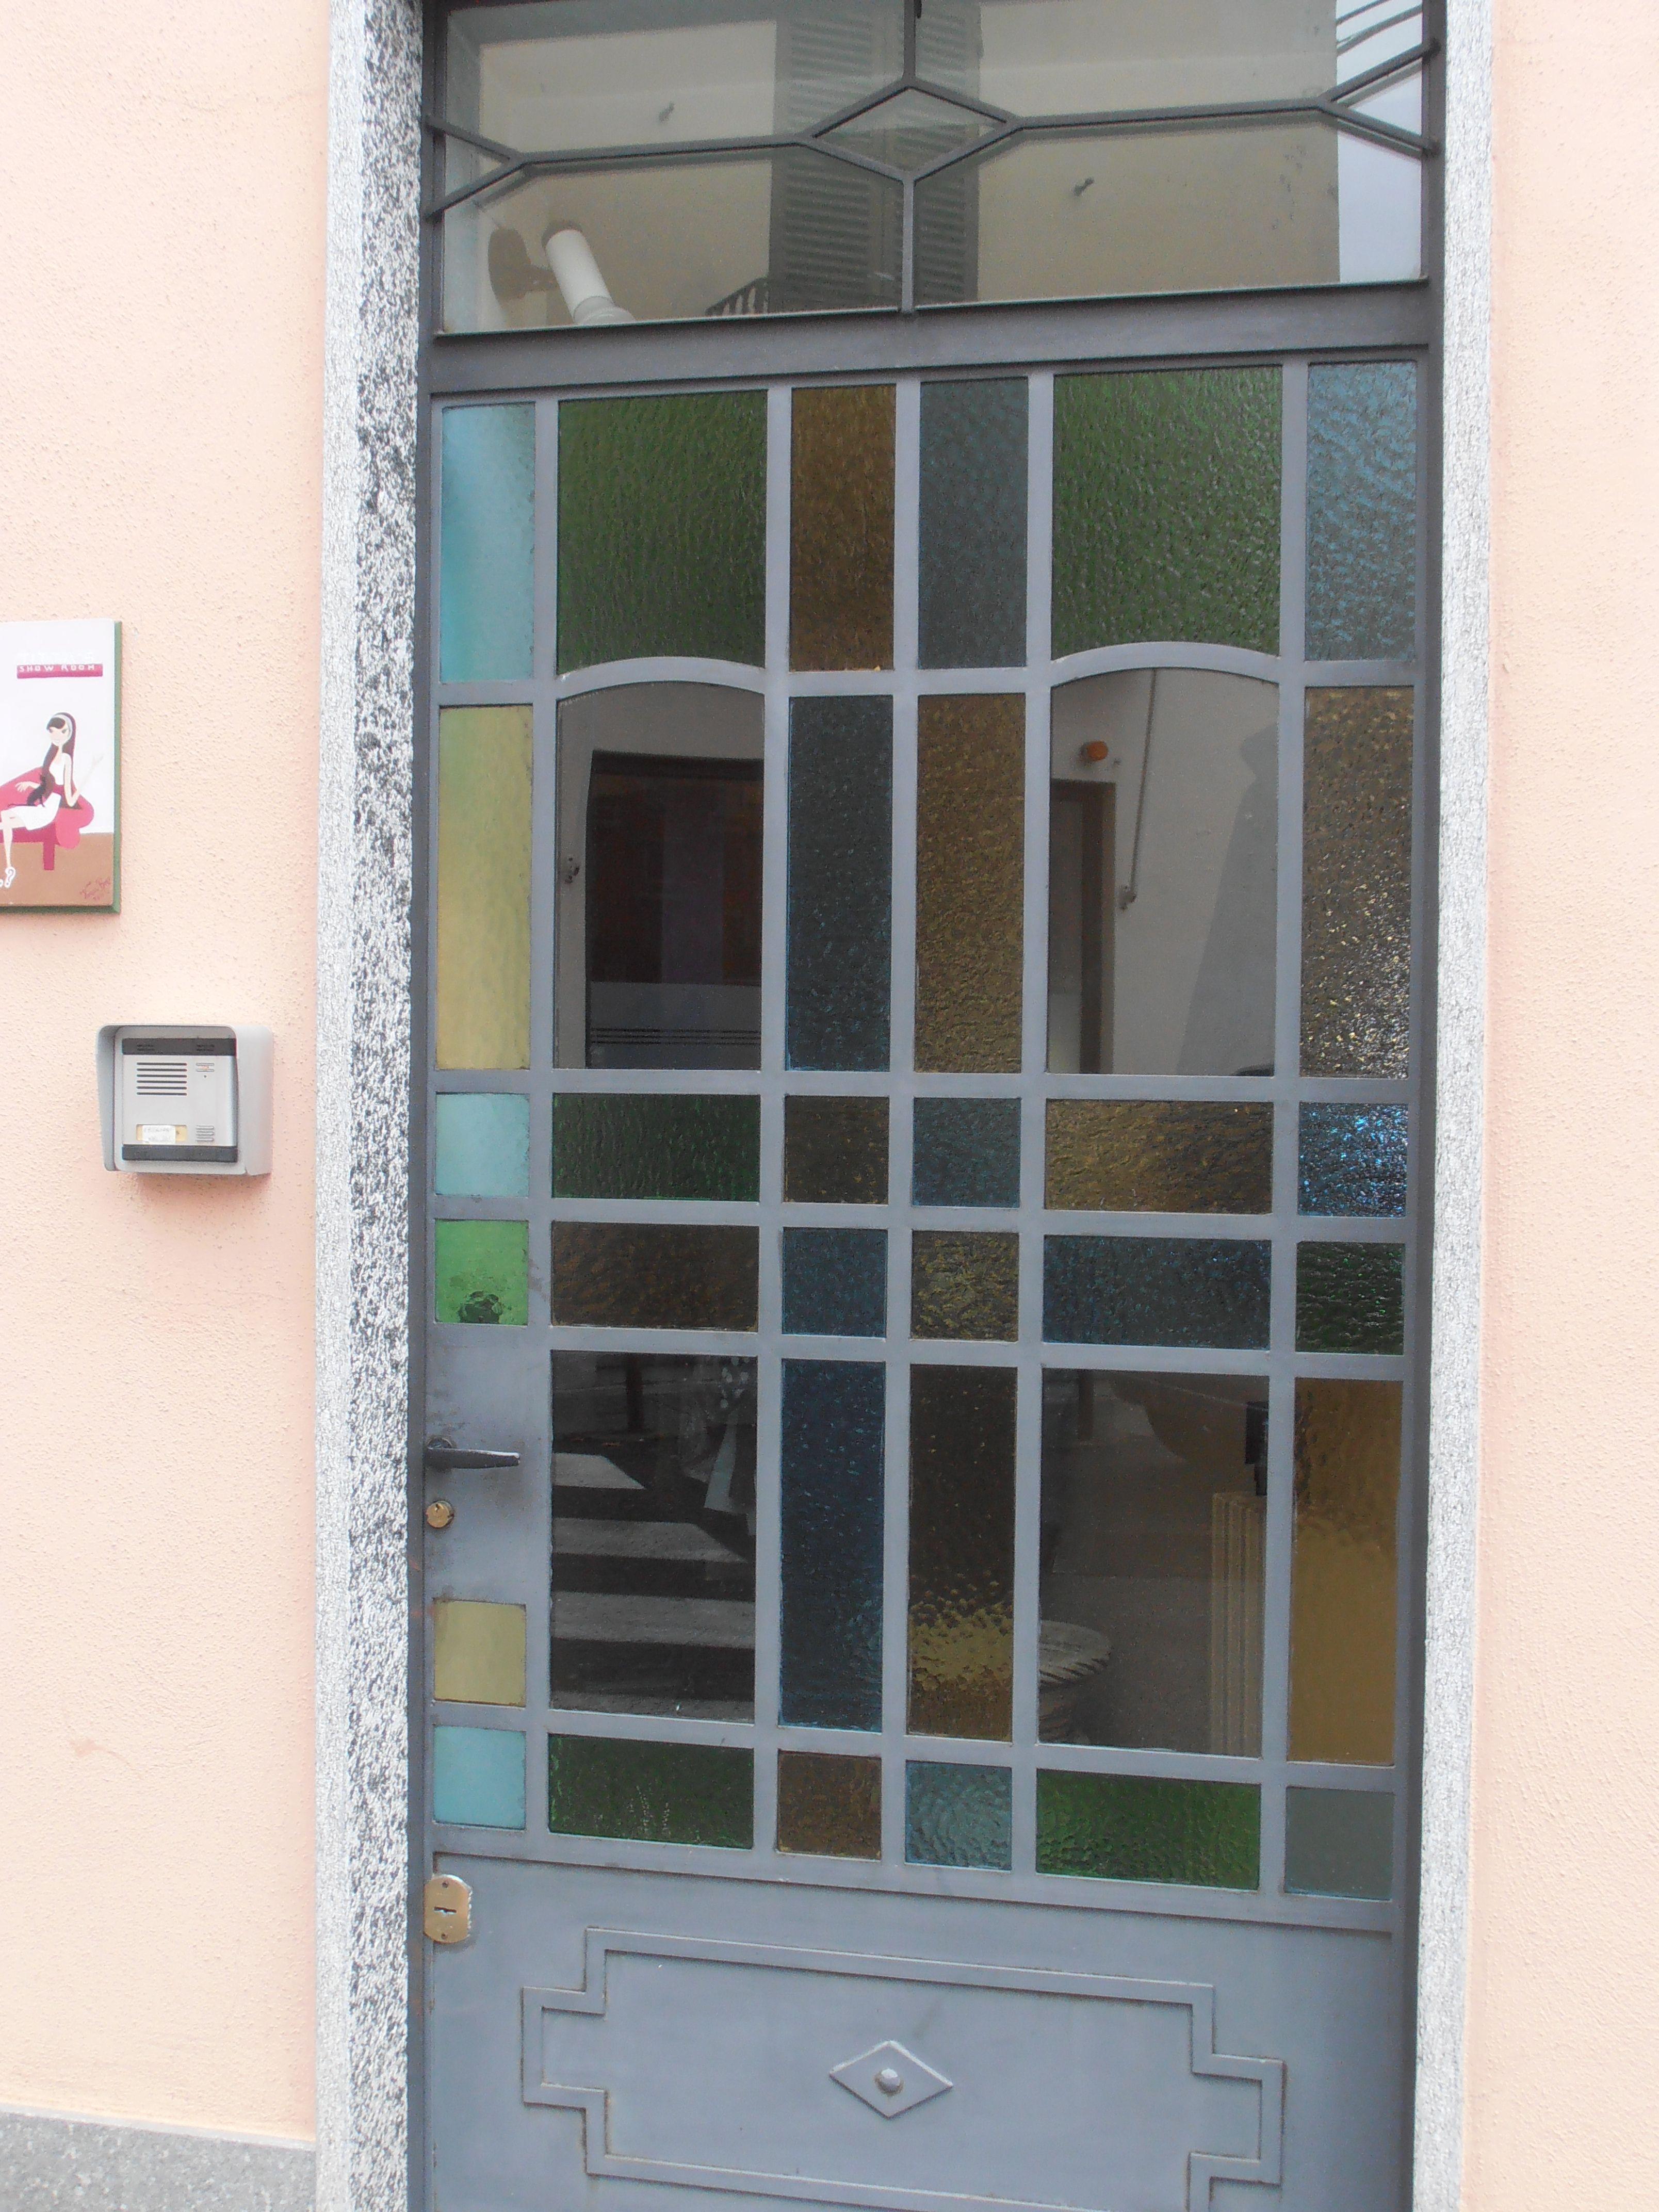 Le vetrate colorate sono tipiche di interni ed esterni - Case colorate interni ...